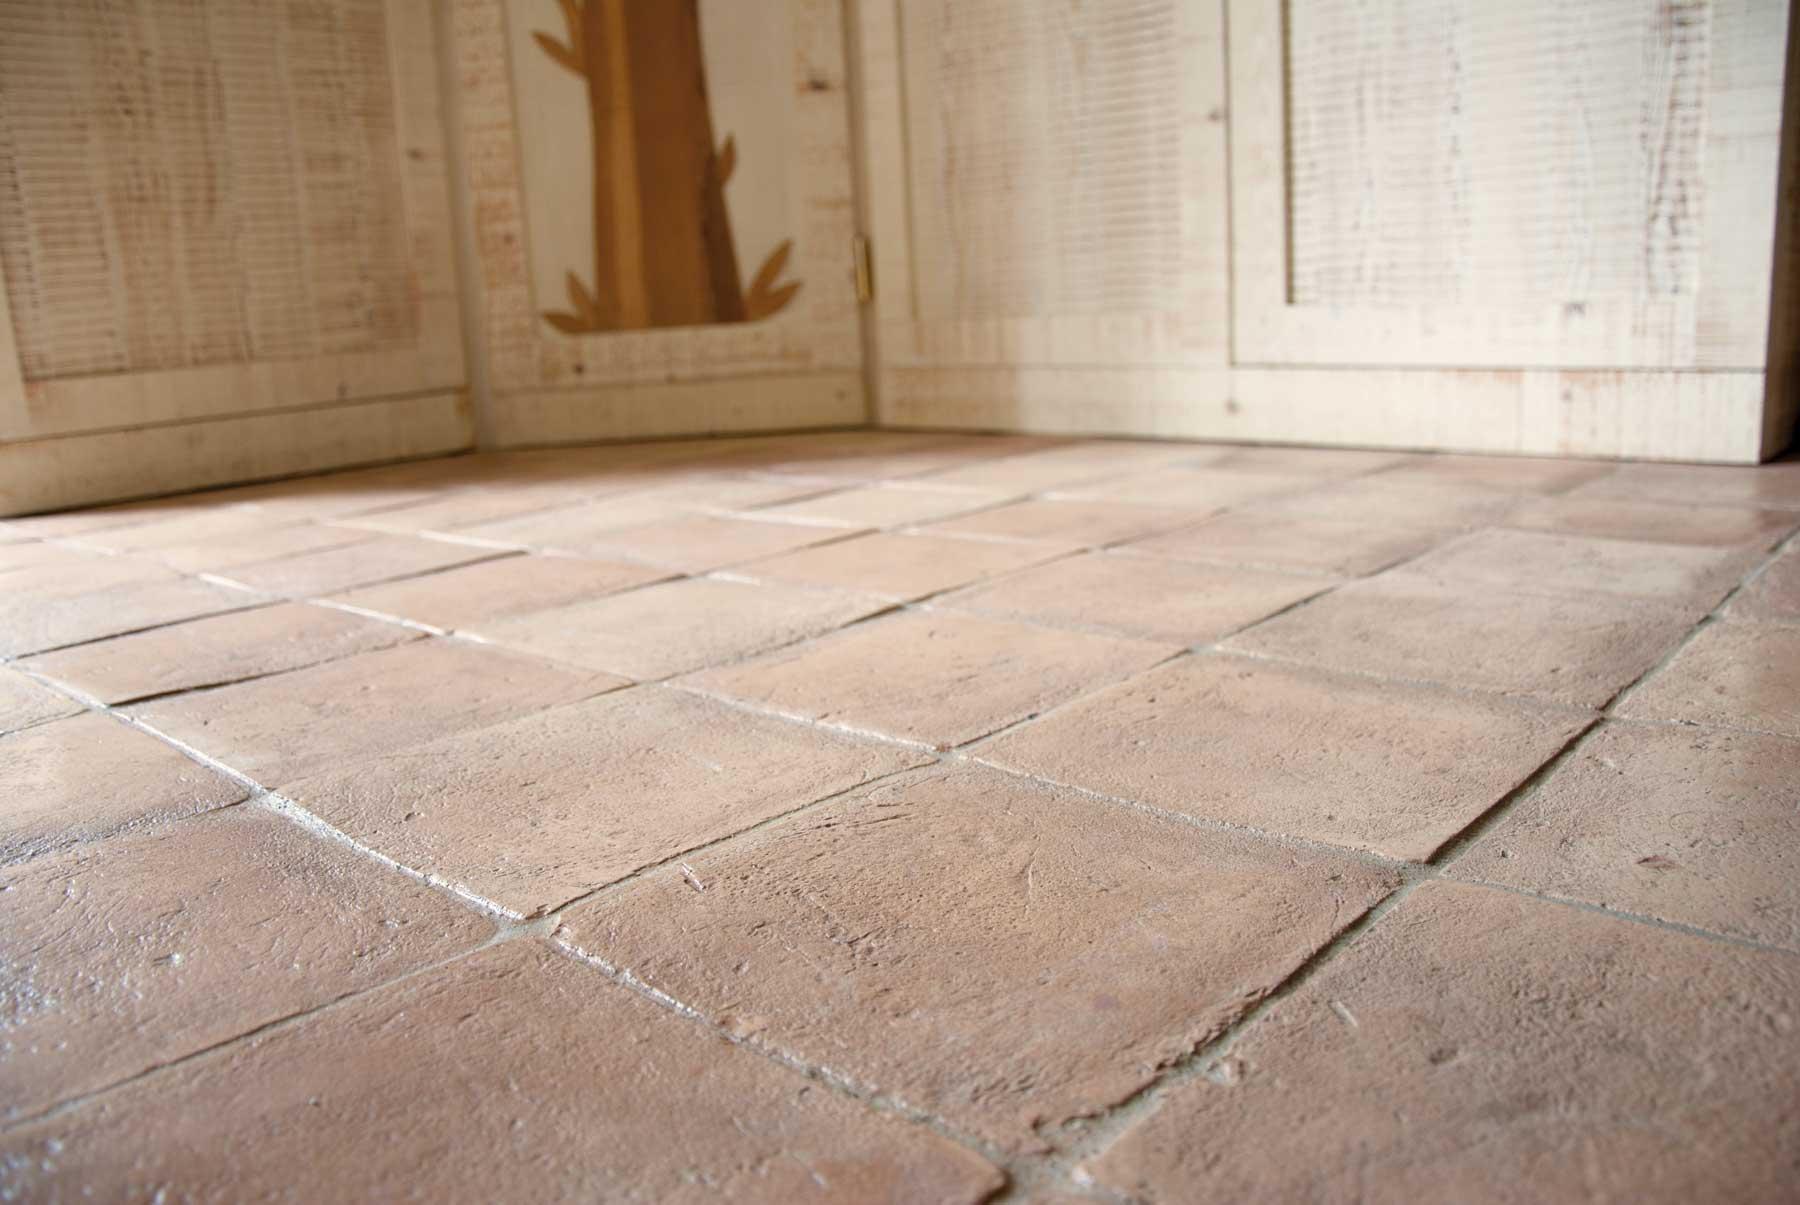 Pavimenti in cotto fatto a mano per interni ed esterni fornace bernasconi - Cotto per scale ...